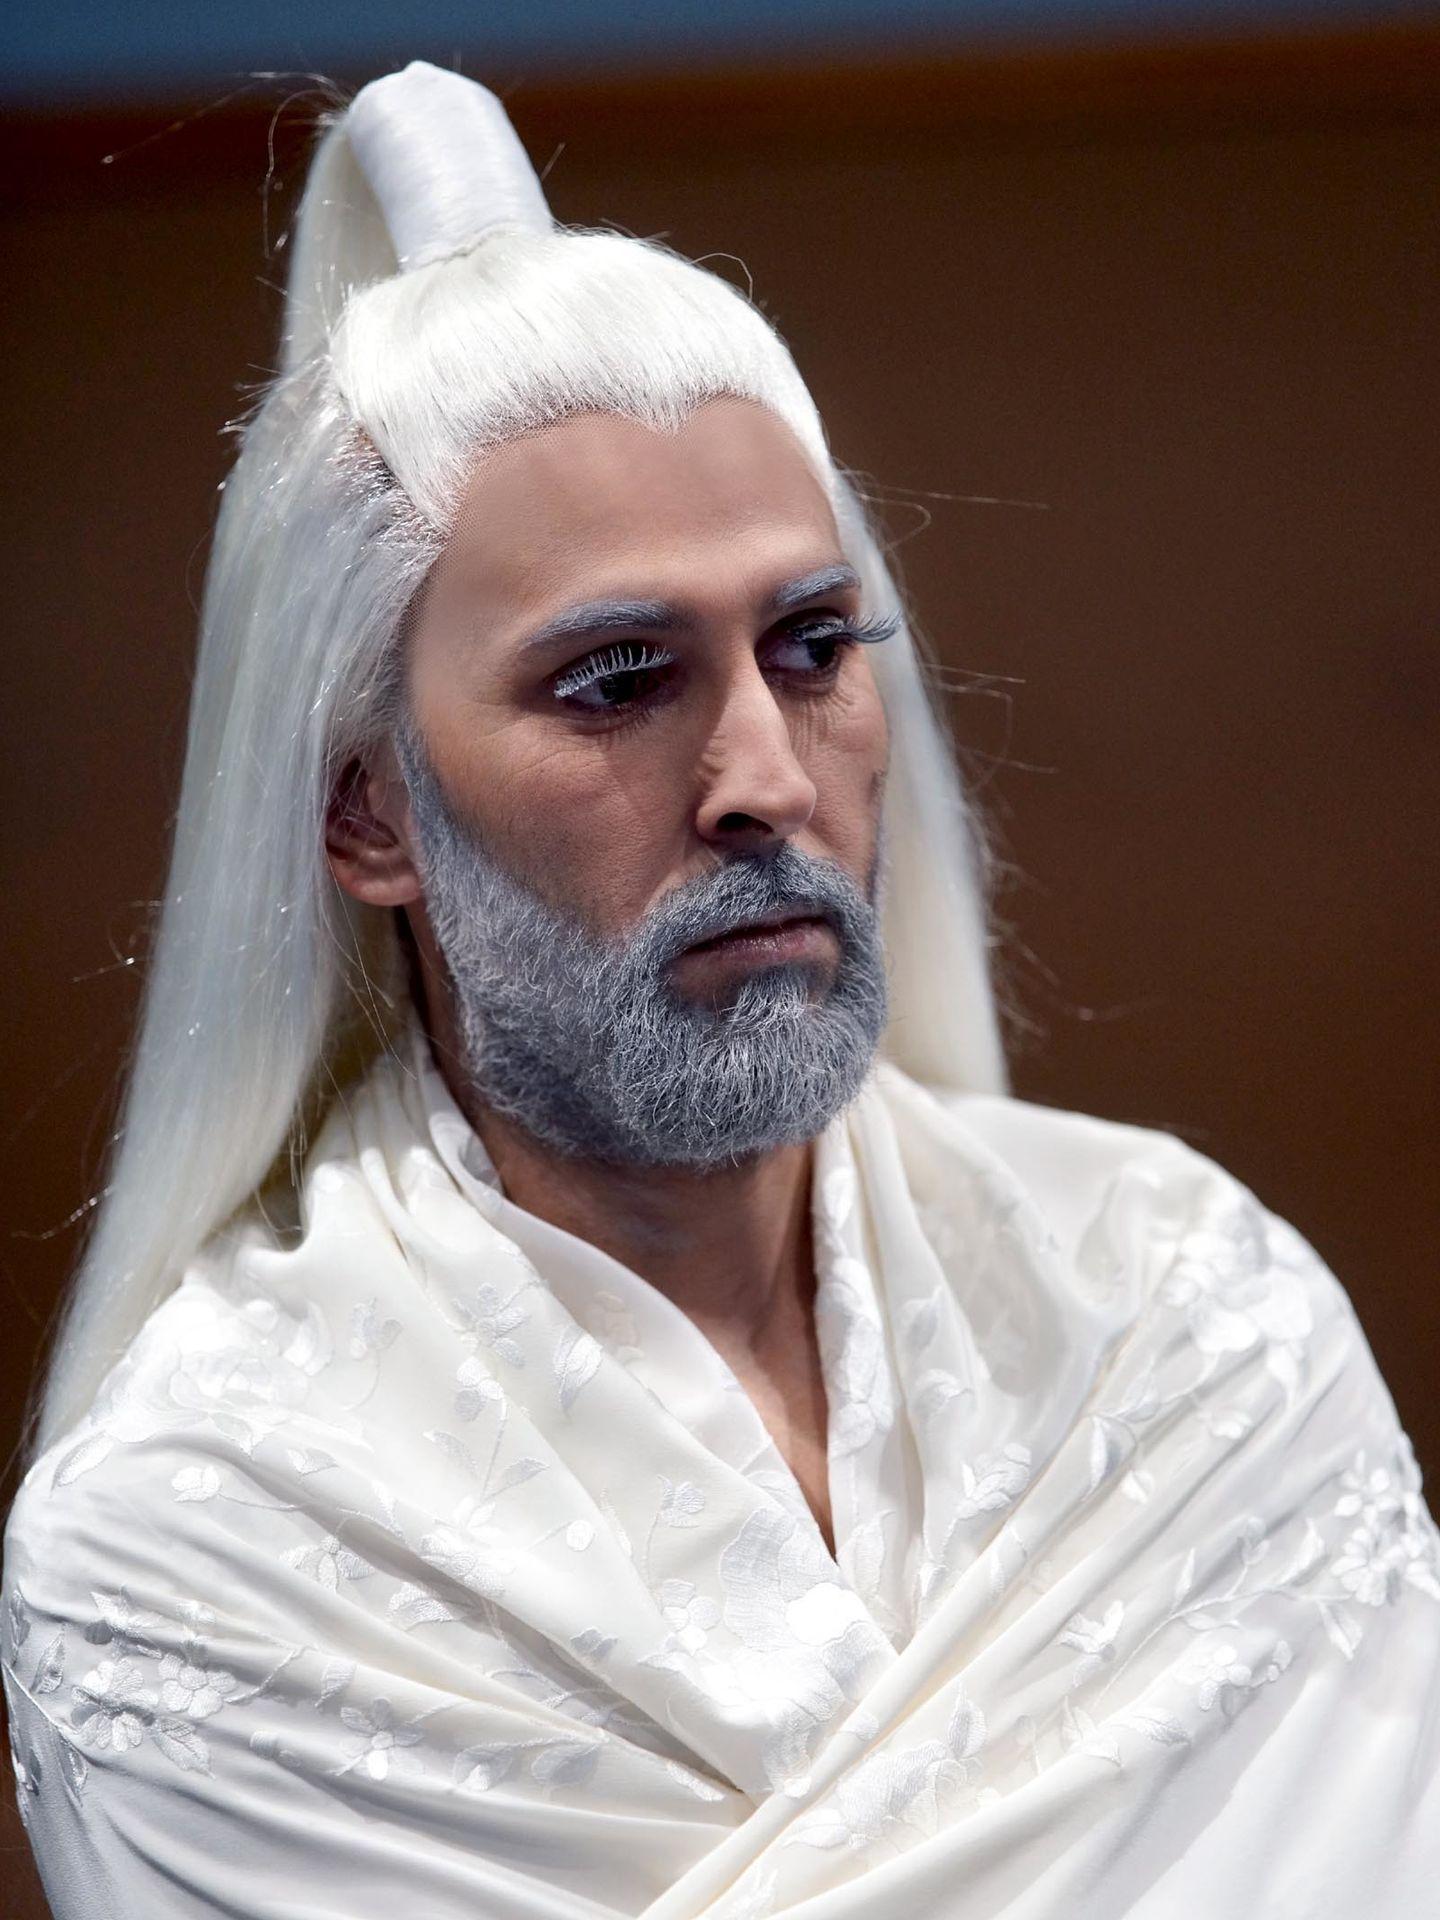 Arcángel caracterizado de caballo blanco para 'El público' (Javier del Real)